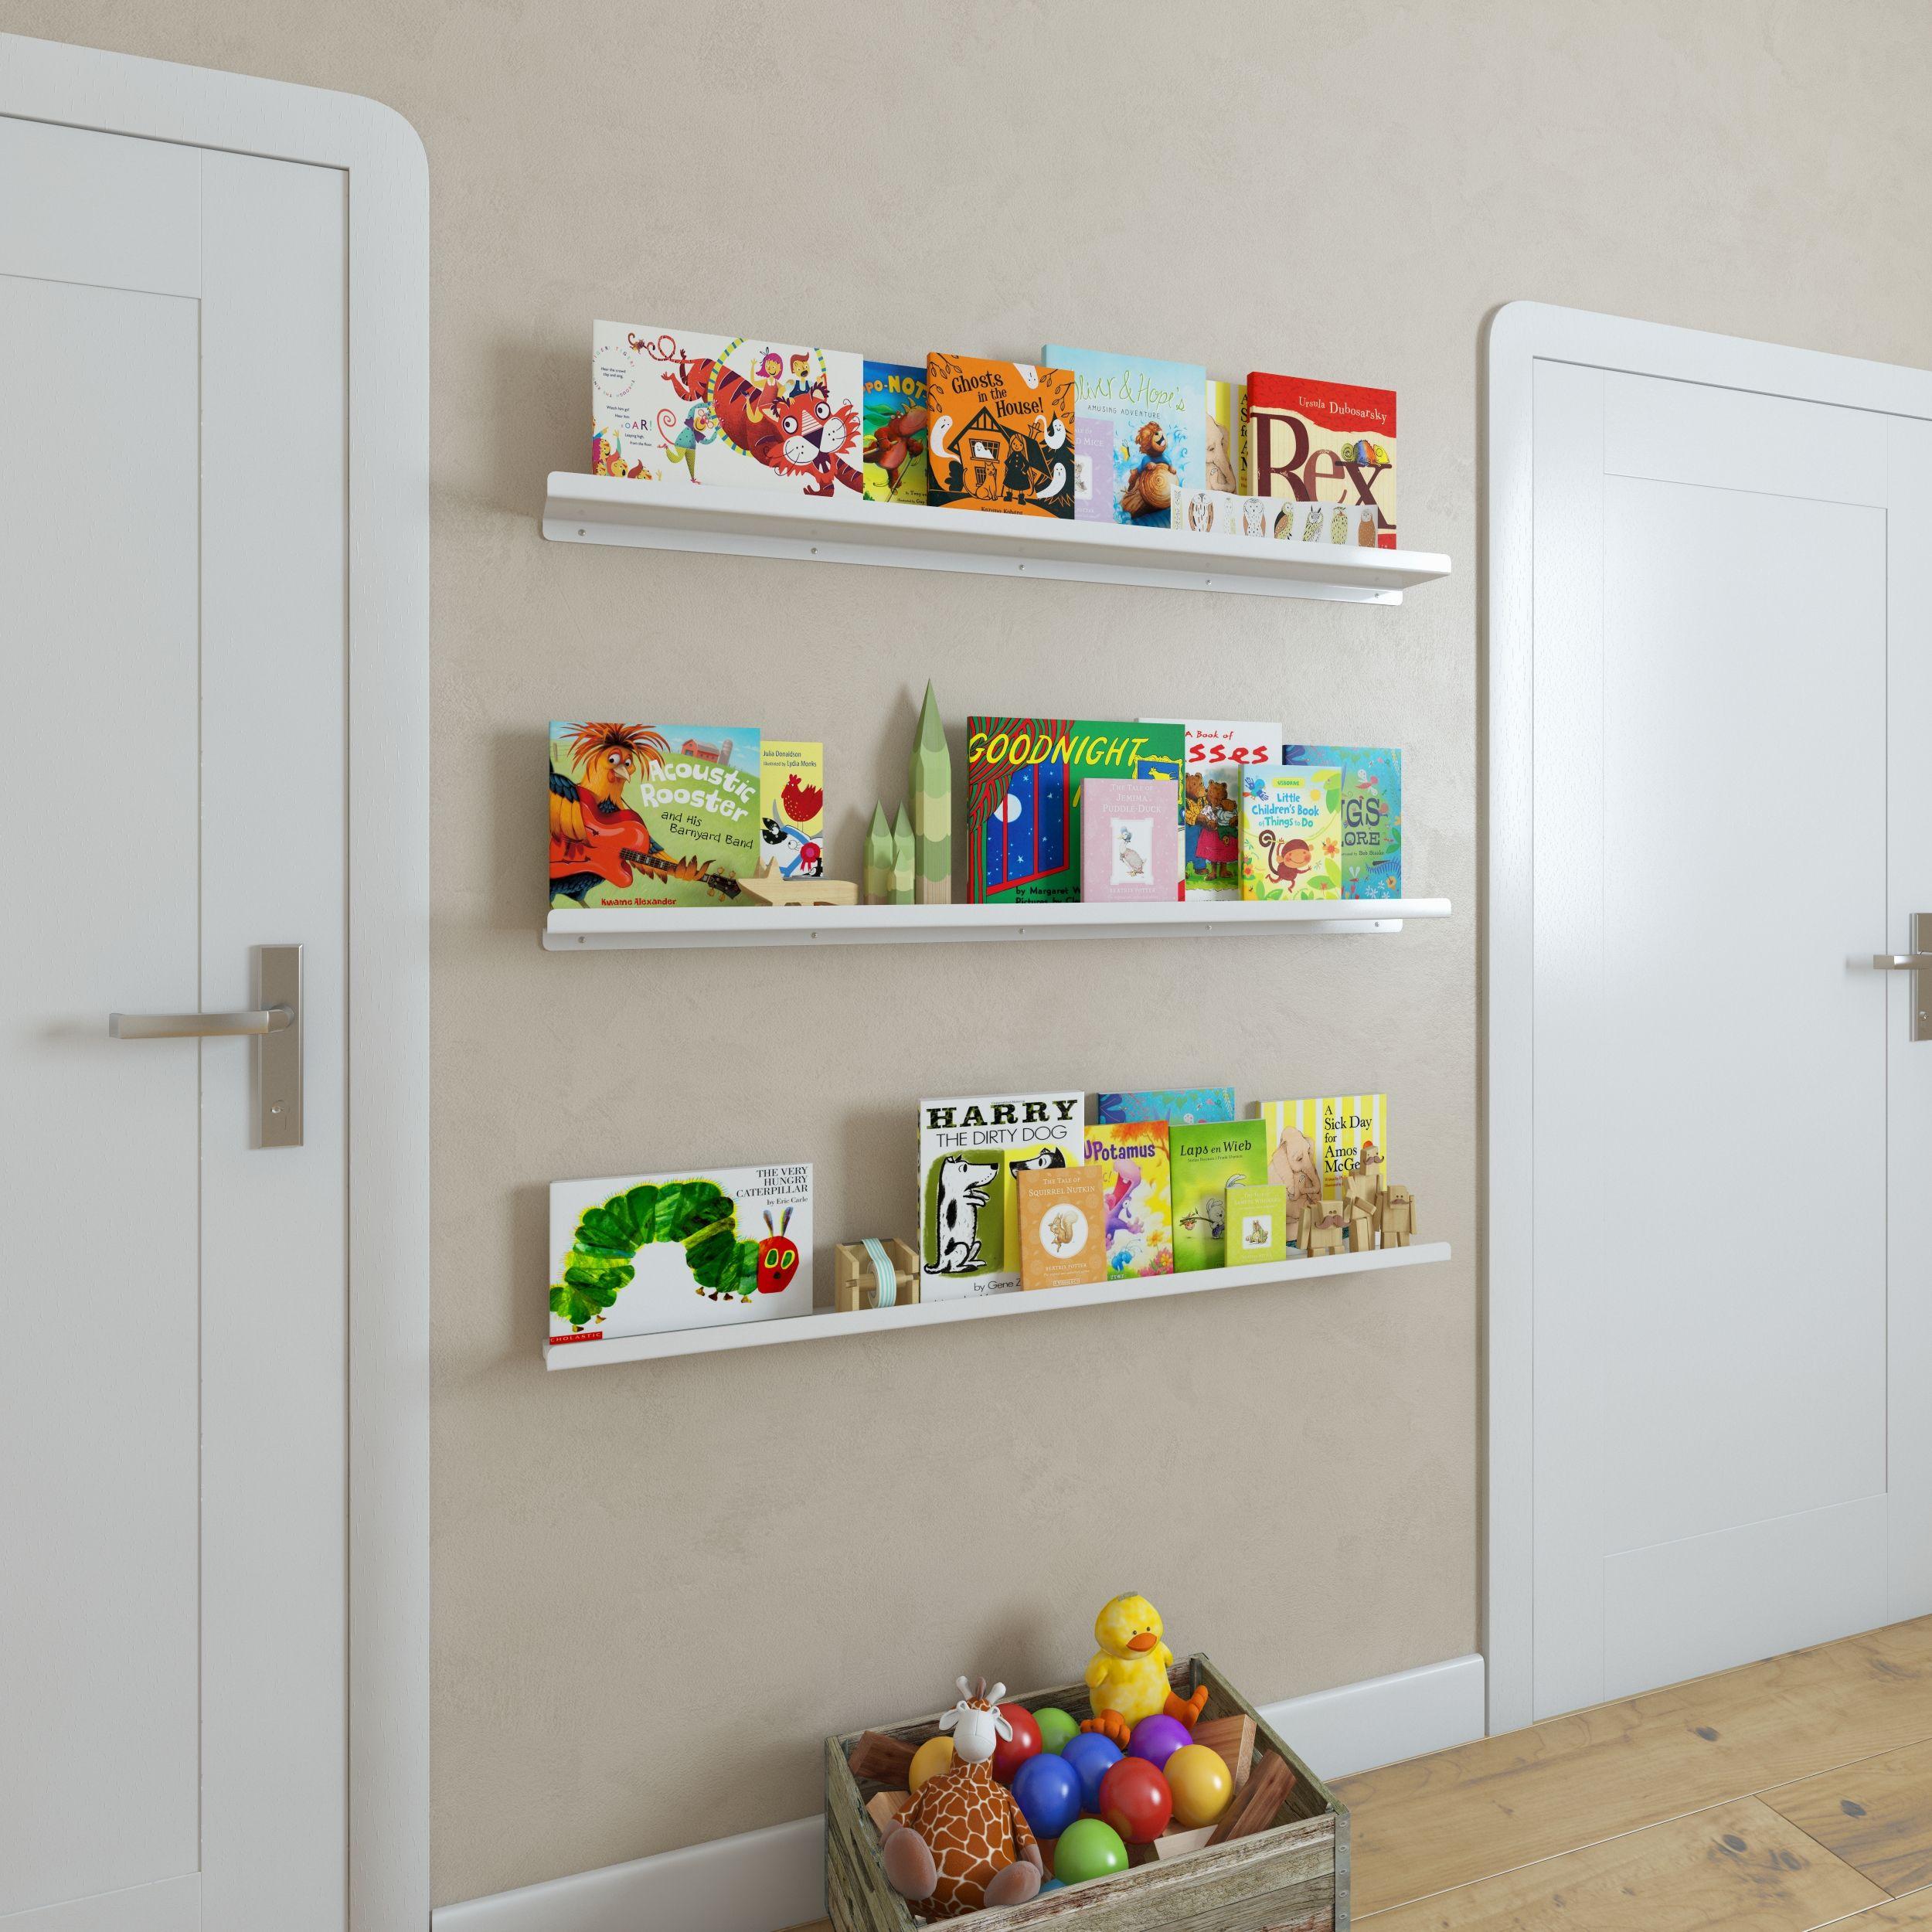 Monoqi 2 U Shelves White Wall Bookshelves Floating Bookshelves Home Library Design